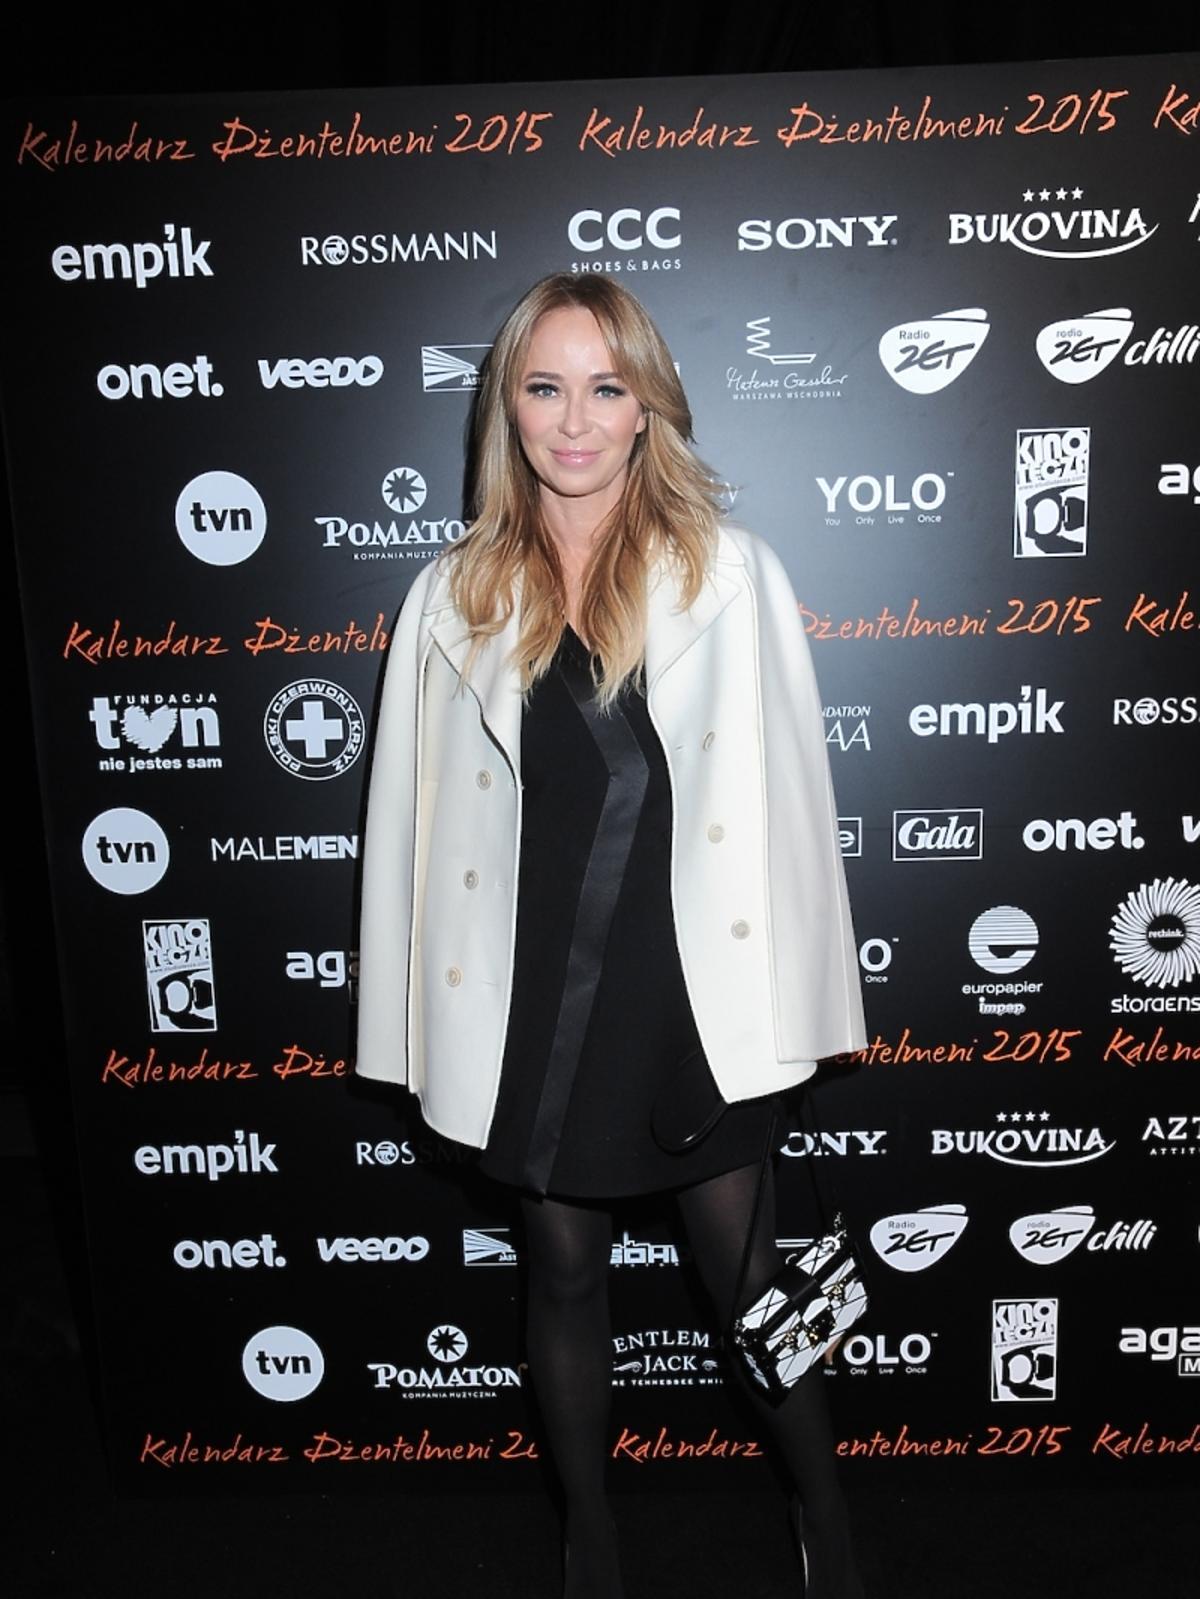 Joanna Przetakiewicz na premierze kalendarza Dżentelmeni 2015